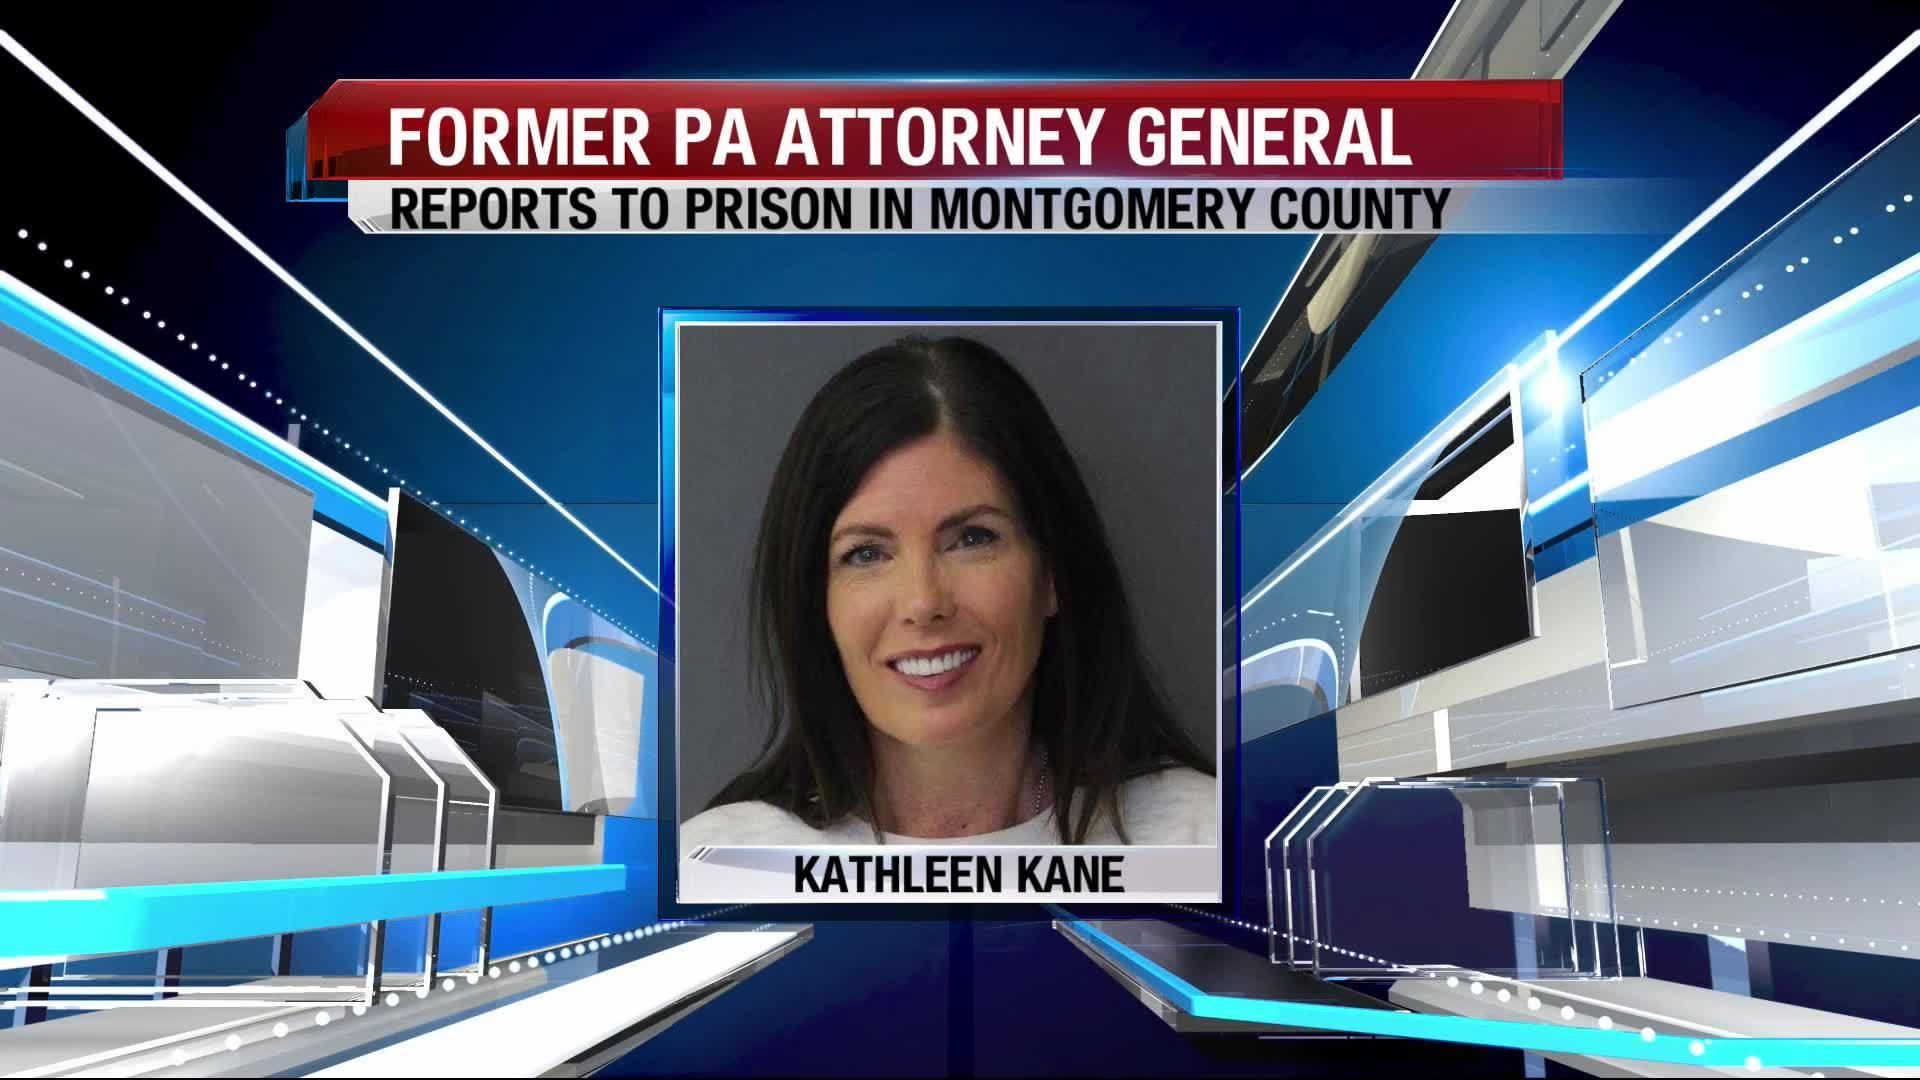 Kathleen_Kane_Reports_to_Prison_3_20181129180119